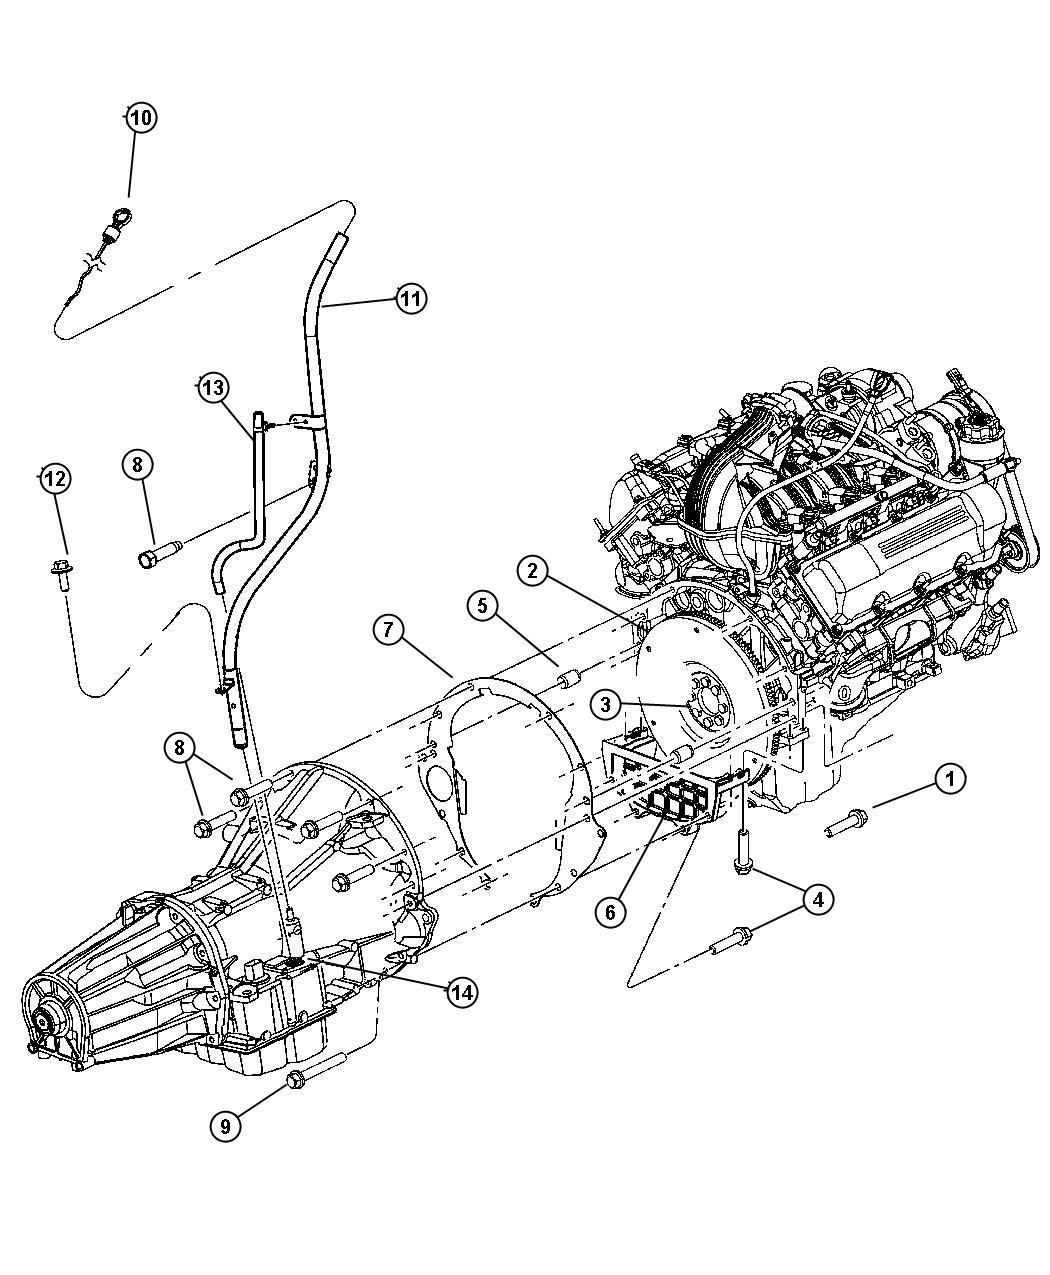 2003 Range Rover Suspension Diagram Com